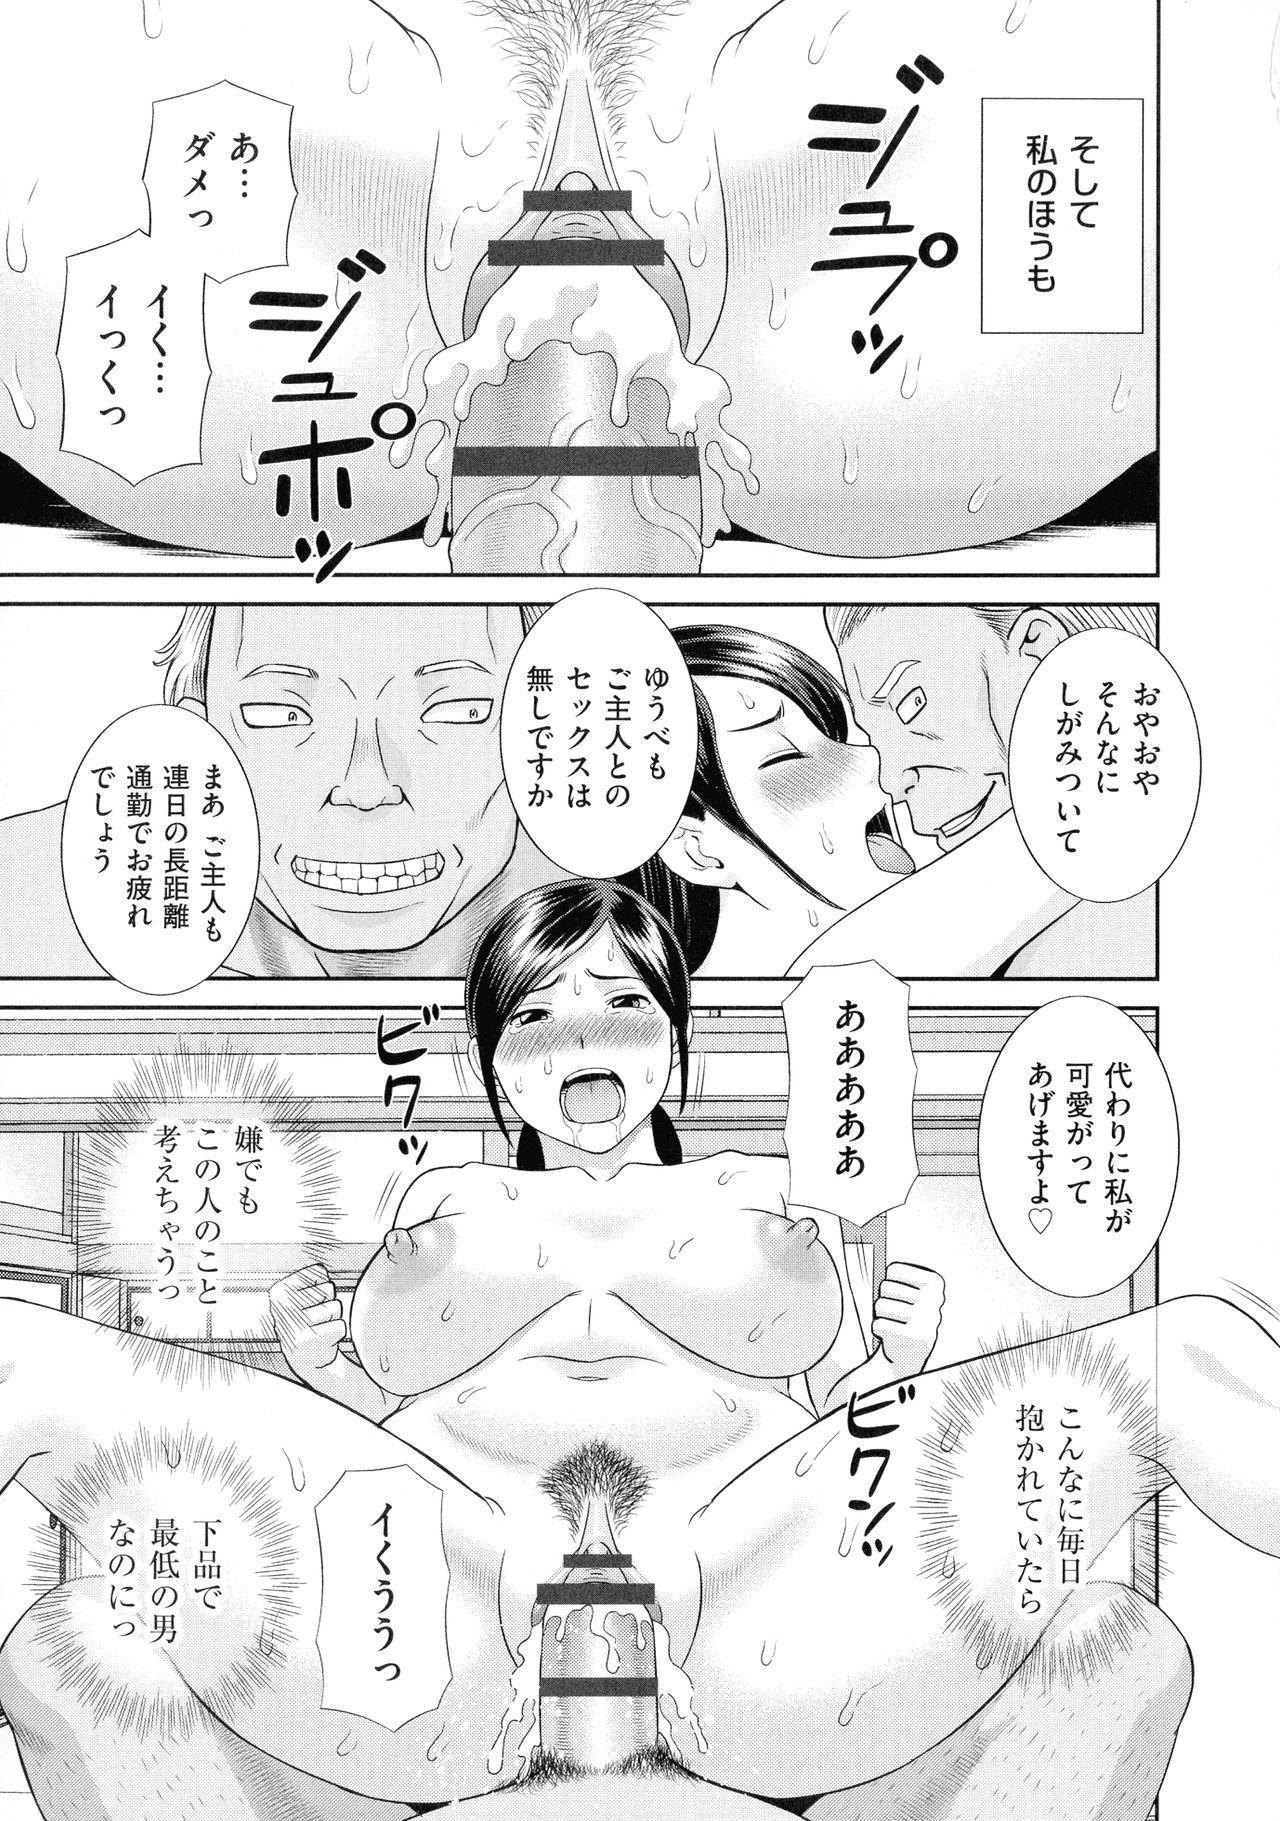 Tennen Torokeru Hatsujozuma 97